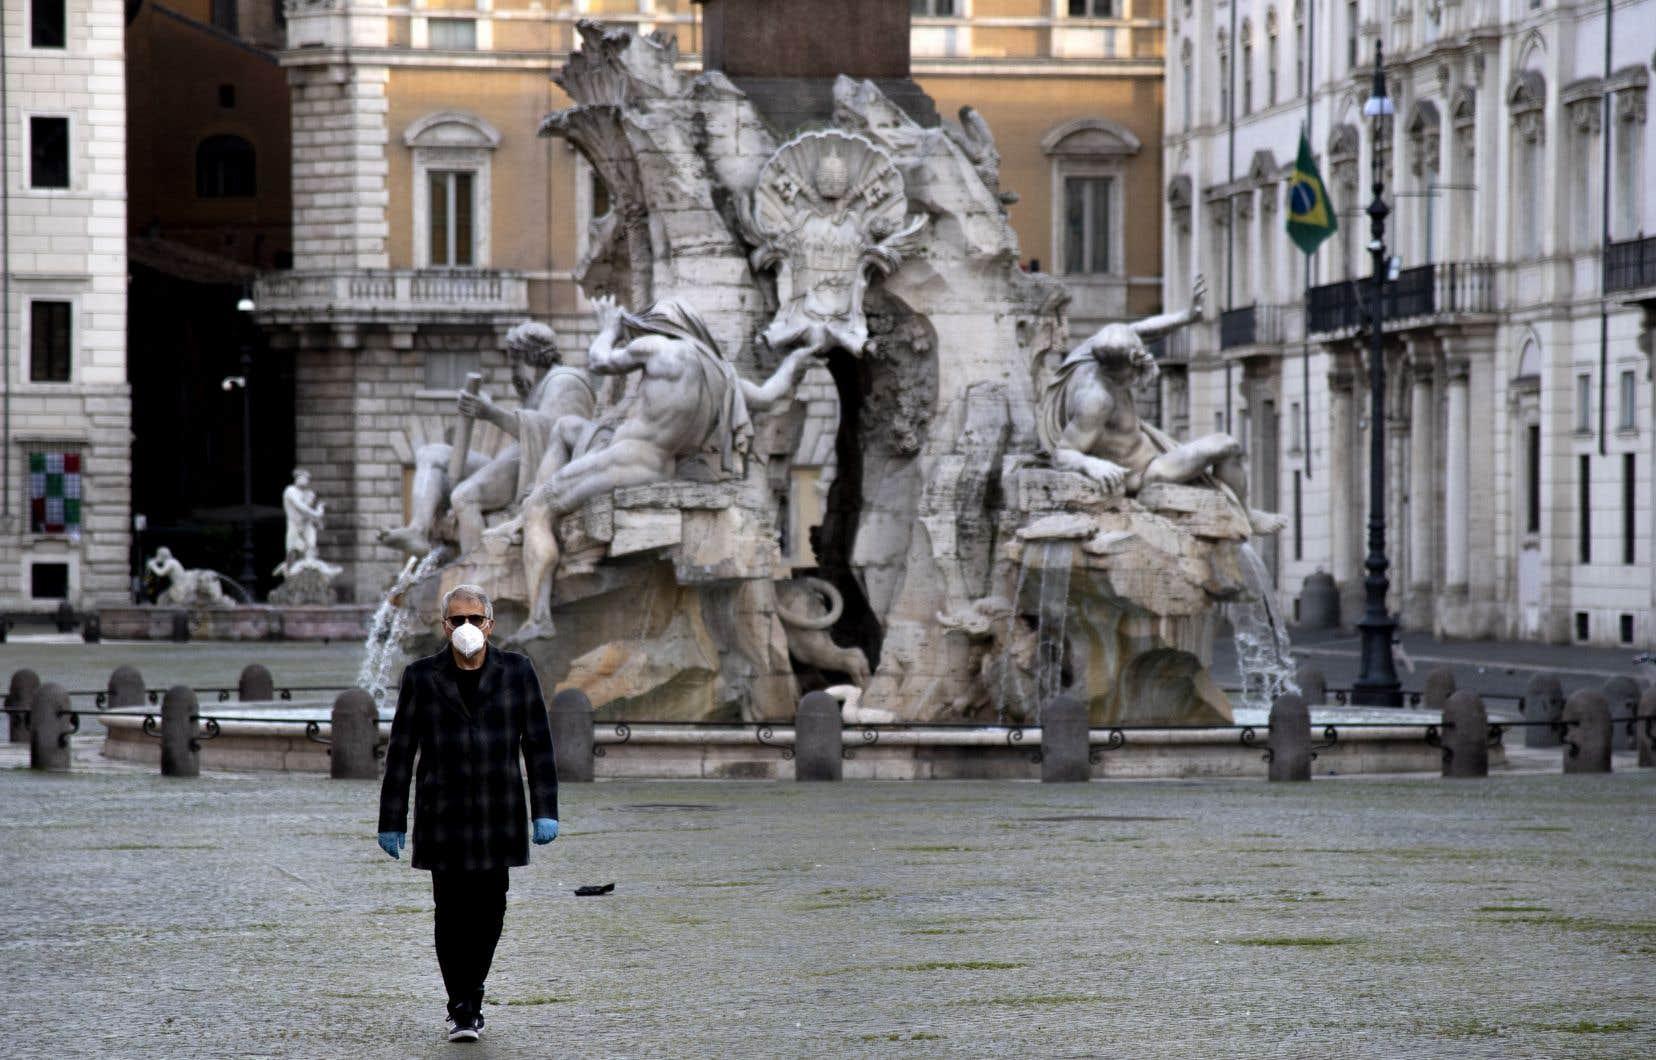 Autre signe encourageant, la stabilisation du nombre de malades recensés, un peu moins de 107000, soit seulement 355 de plus que la veille. Dans plusieurs régions, comme celles de Naples, de Bologne, de Venise, de Florence ou de Rome (sur la photo), ce chiffre baisse.